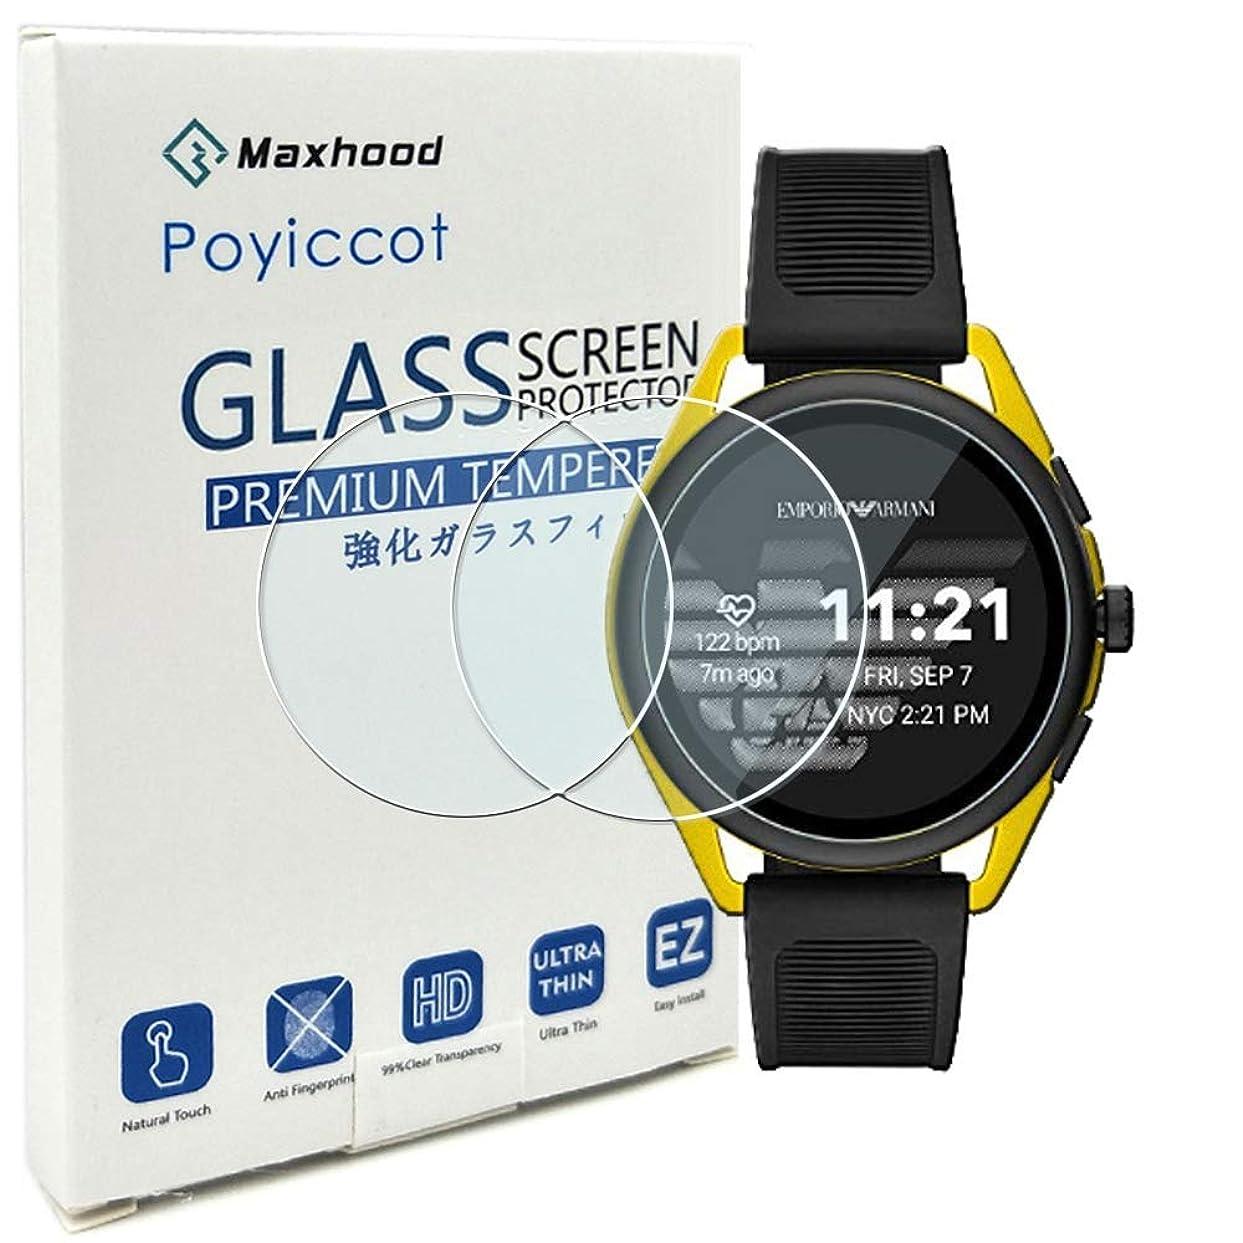 チャールズキージングオールPoyiccot Emporior Armani Smartwatch 3 保護フィルム, (2枚入り) 9H硬度0.3mm 超薄型液晶カバー強化ガラス保護フィルム 液晶プロテクター対応 Emporio Armani Smartwatch 3